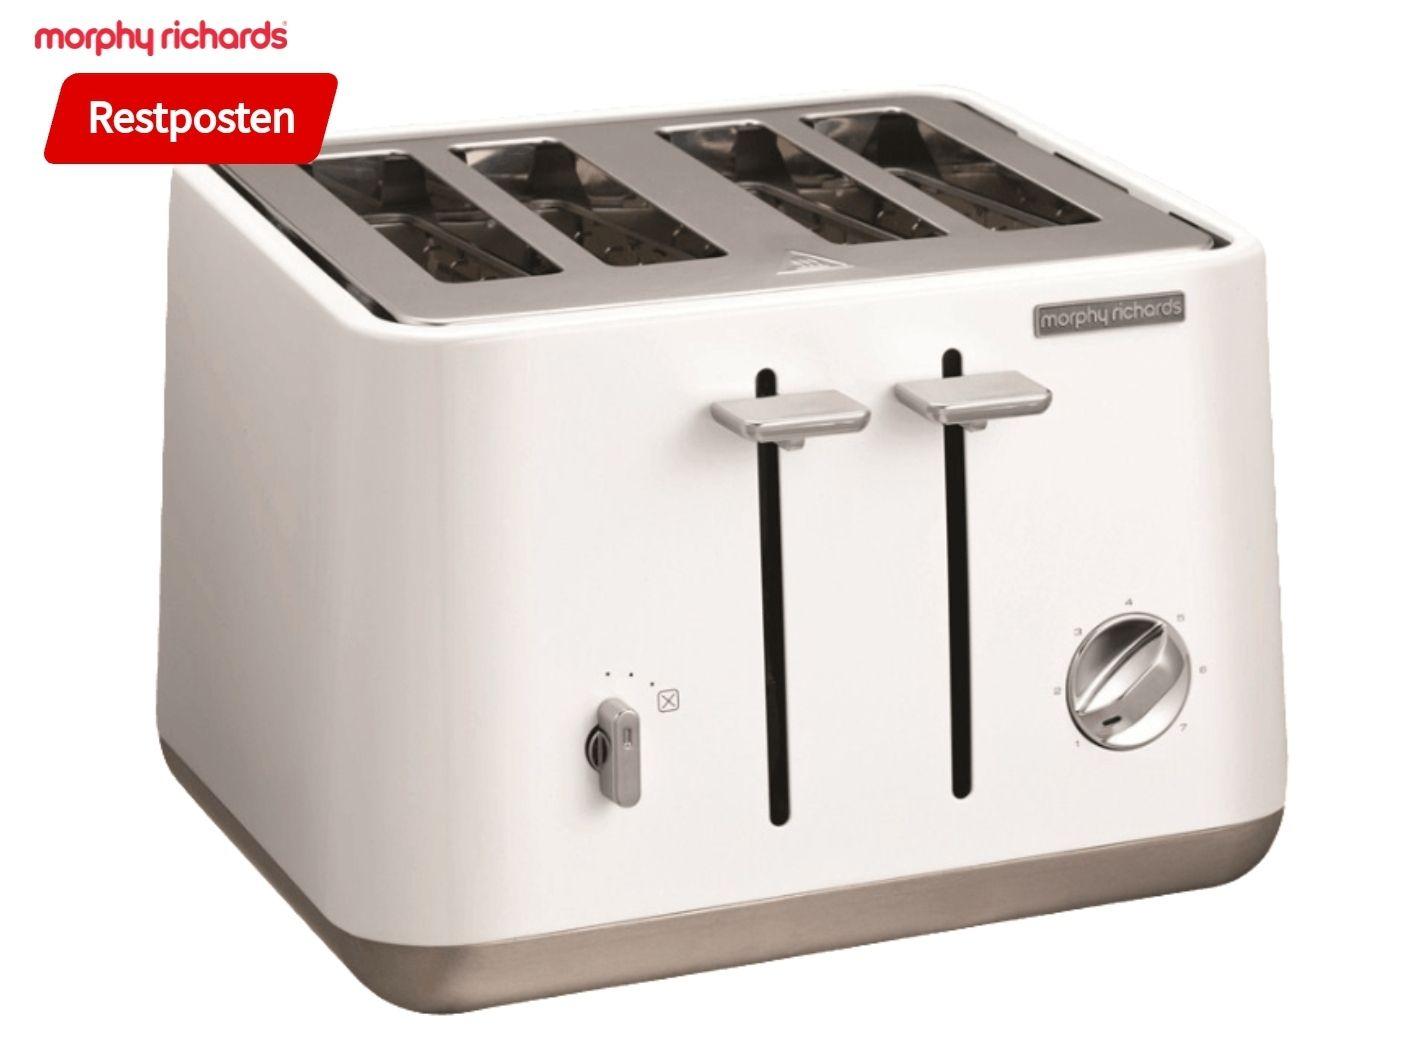 Morphy Richards Aspect Toaster, Weiß oder schwarz, 4 Schlitze, 1800 Watt